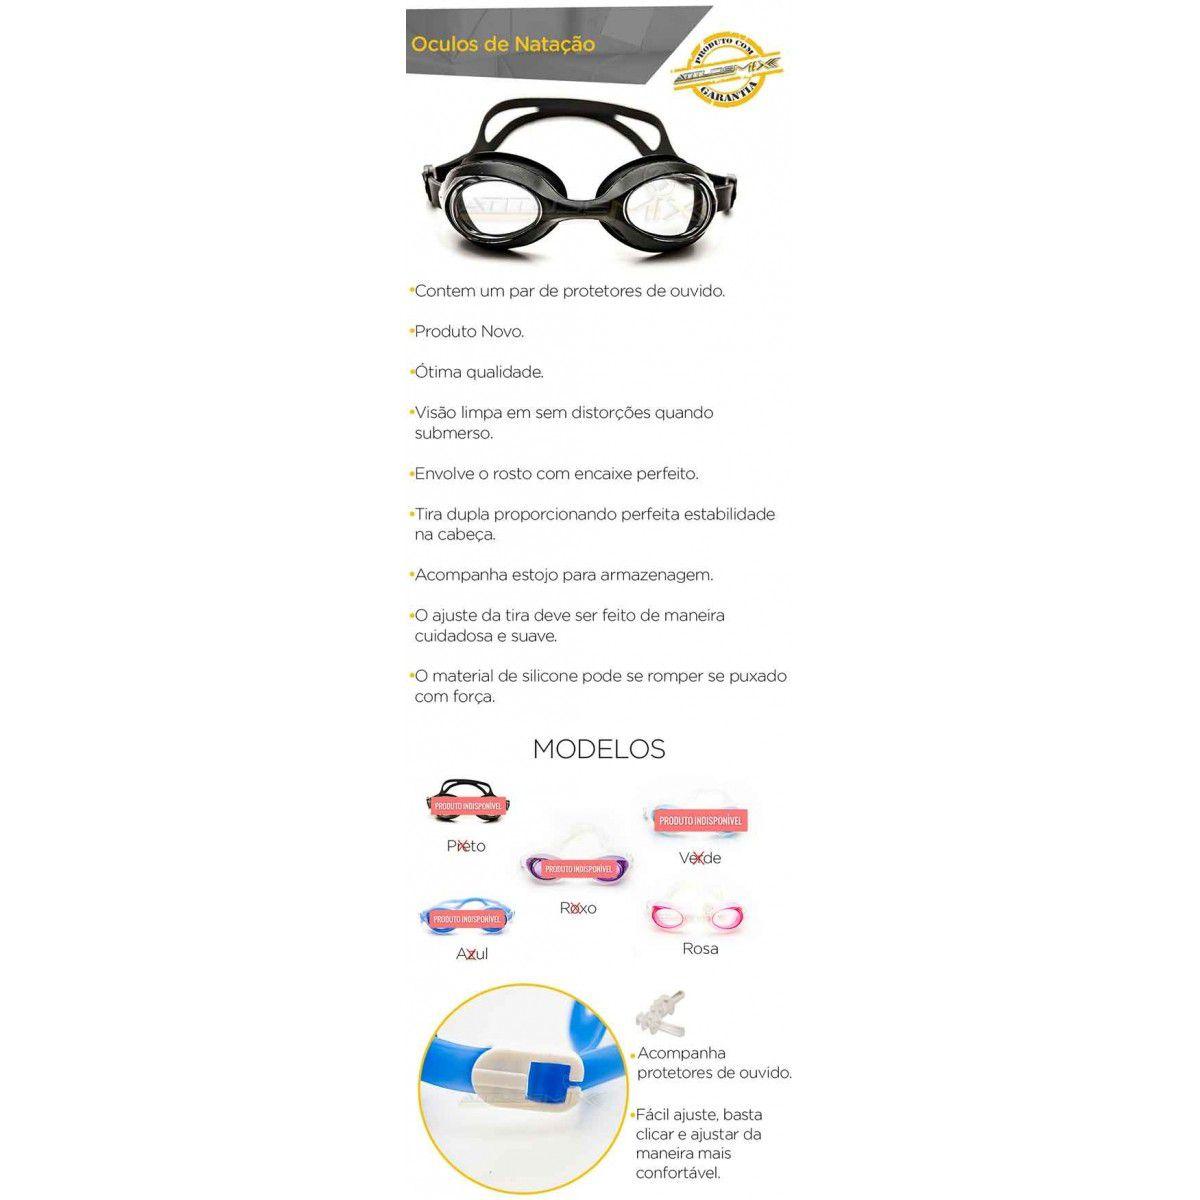 Óculos Natação Adulto Silicone Piscina E Esportes Aquáticos